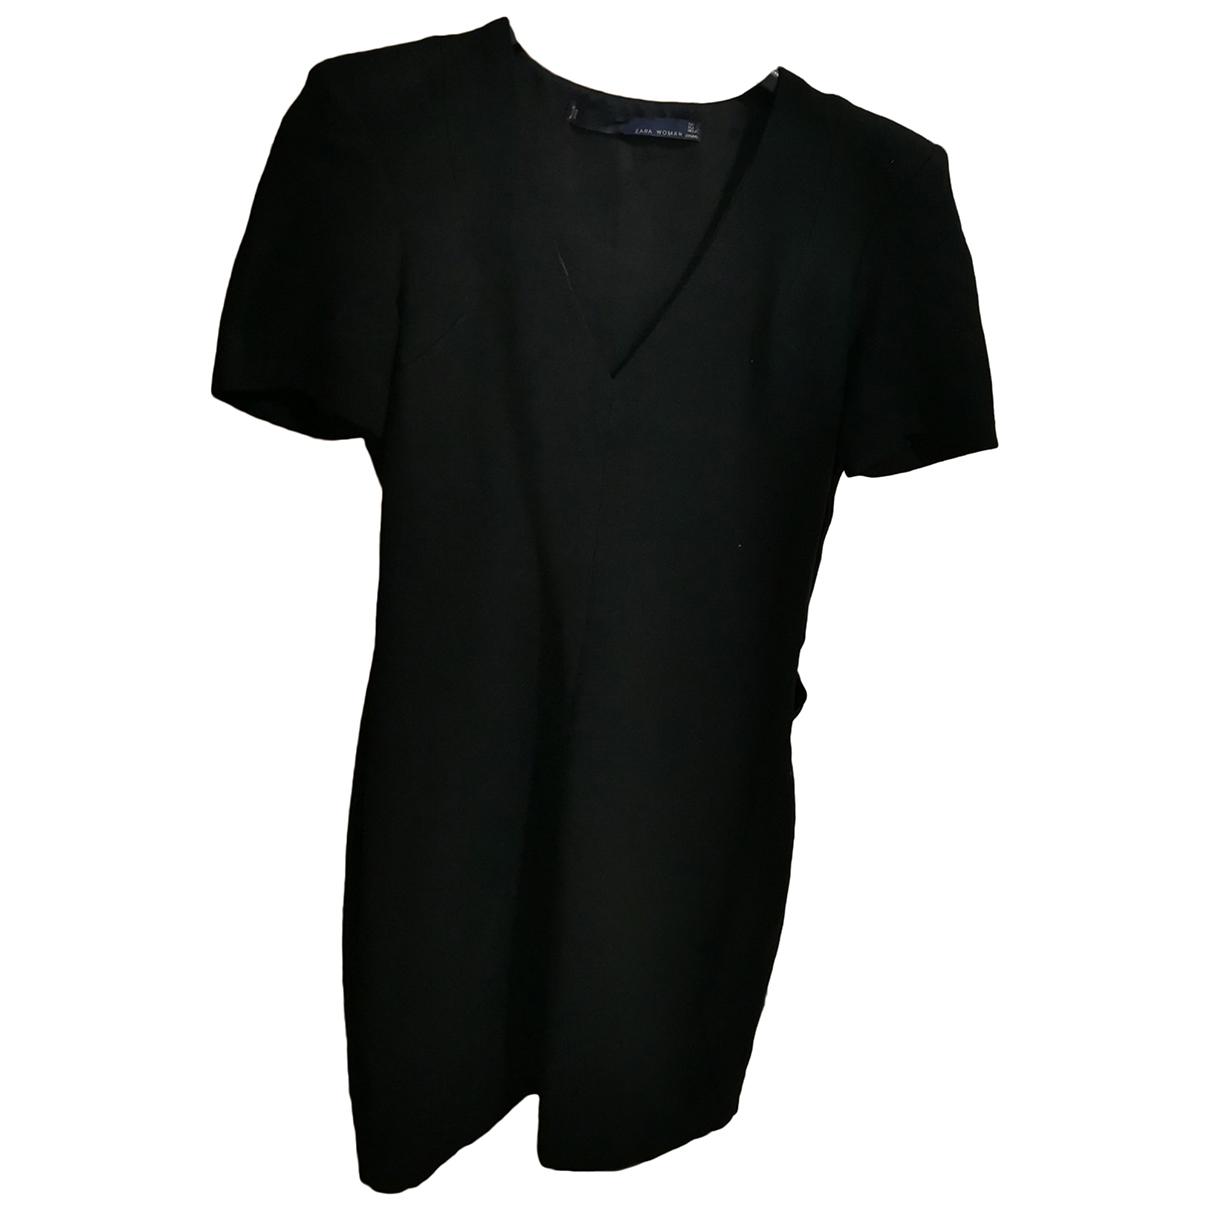 Zara \N Kleid in  Schwarz Wolle